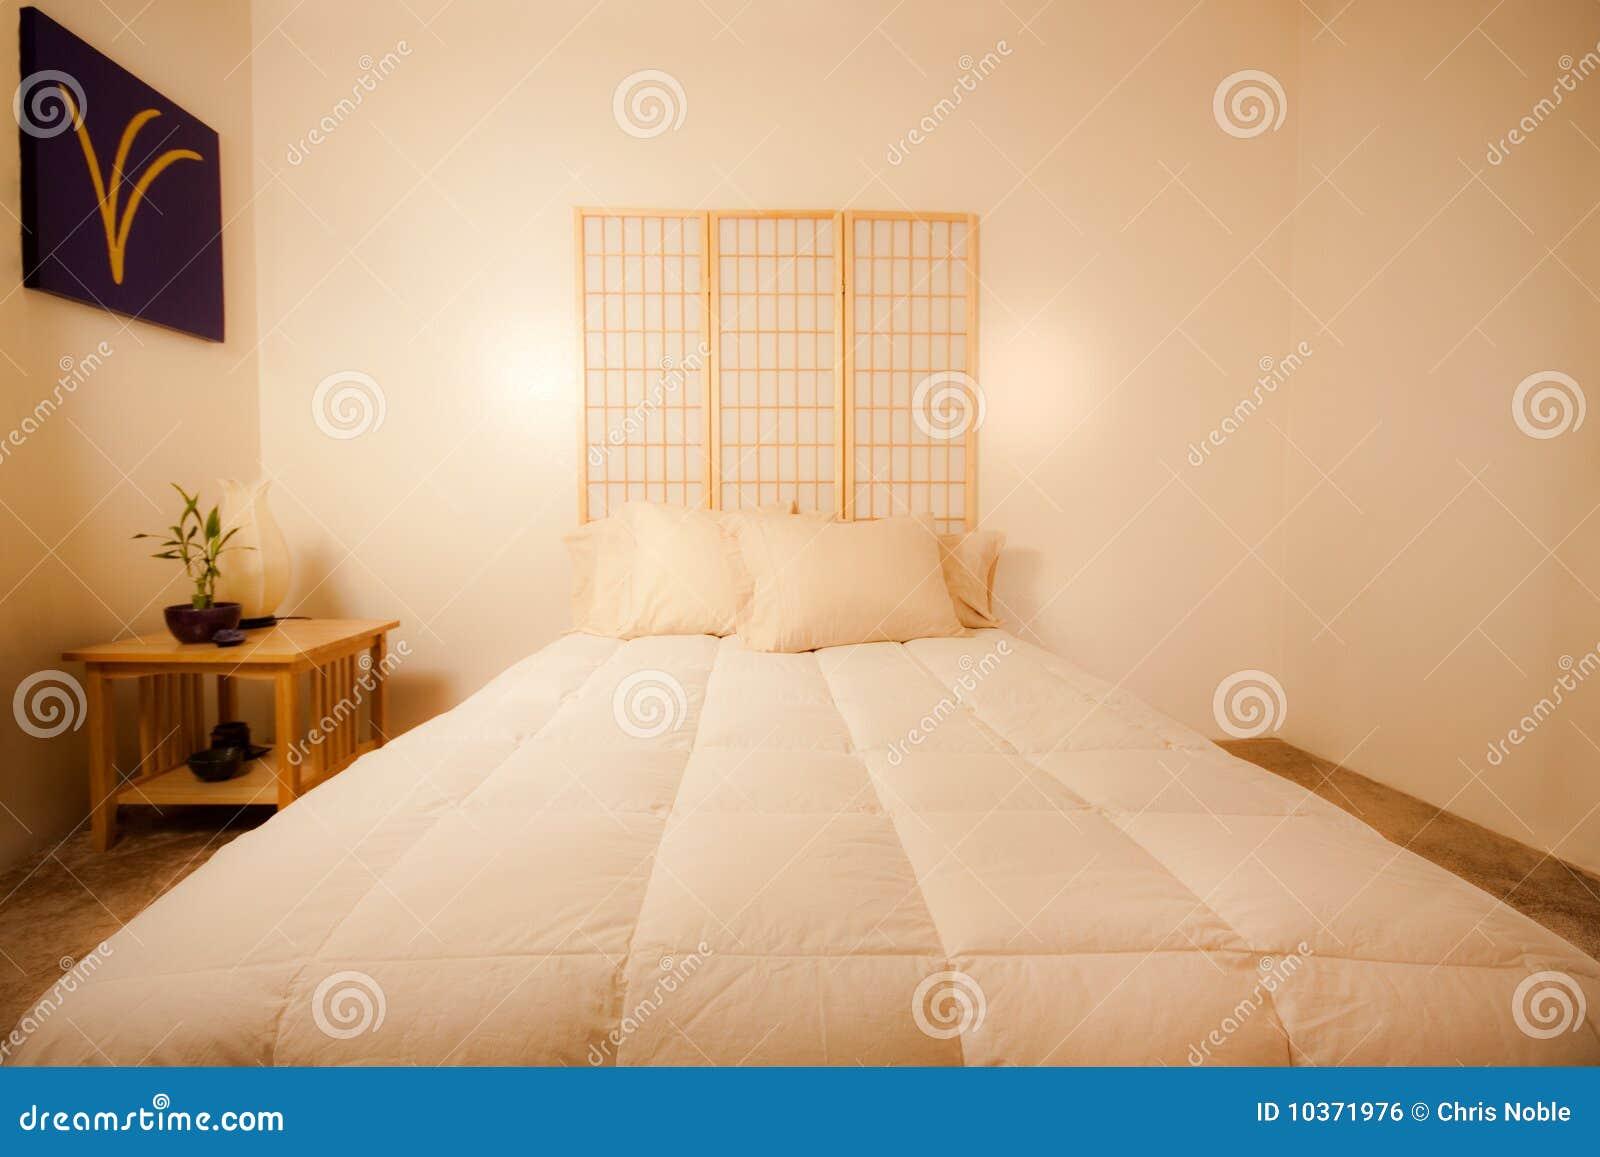 Chambre à coucher de feng shui image libre de droits   image: 10371976